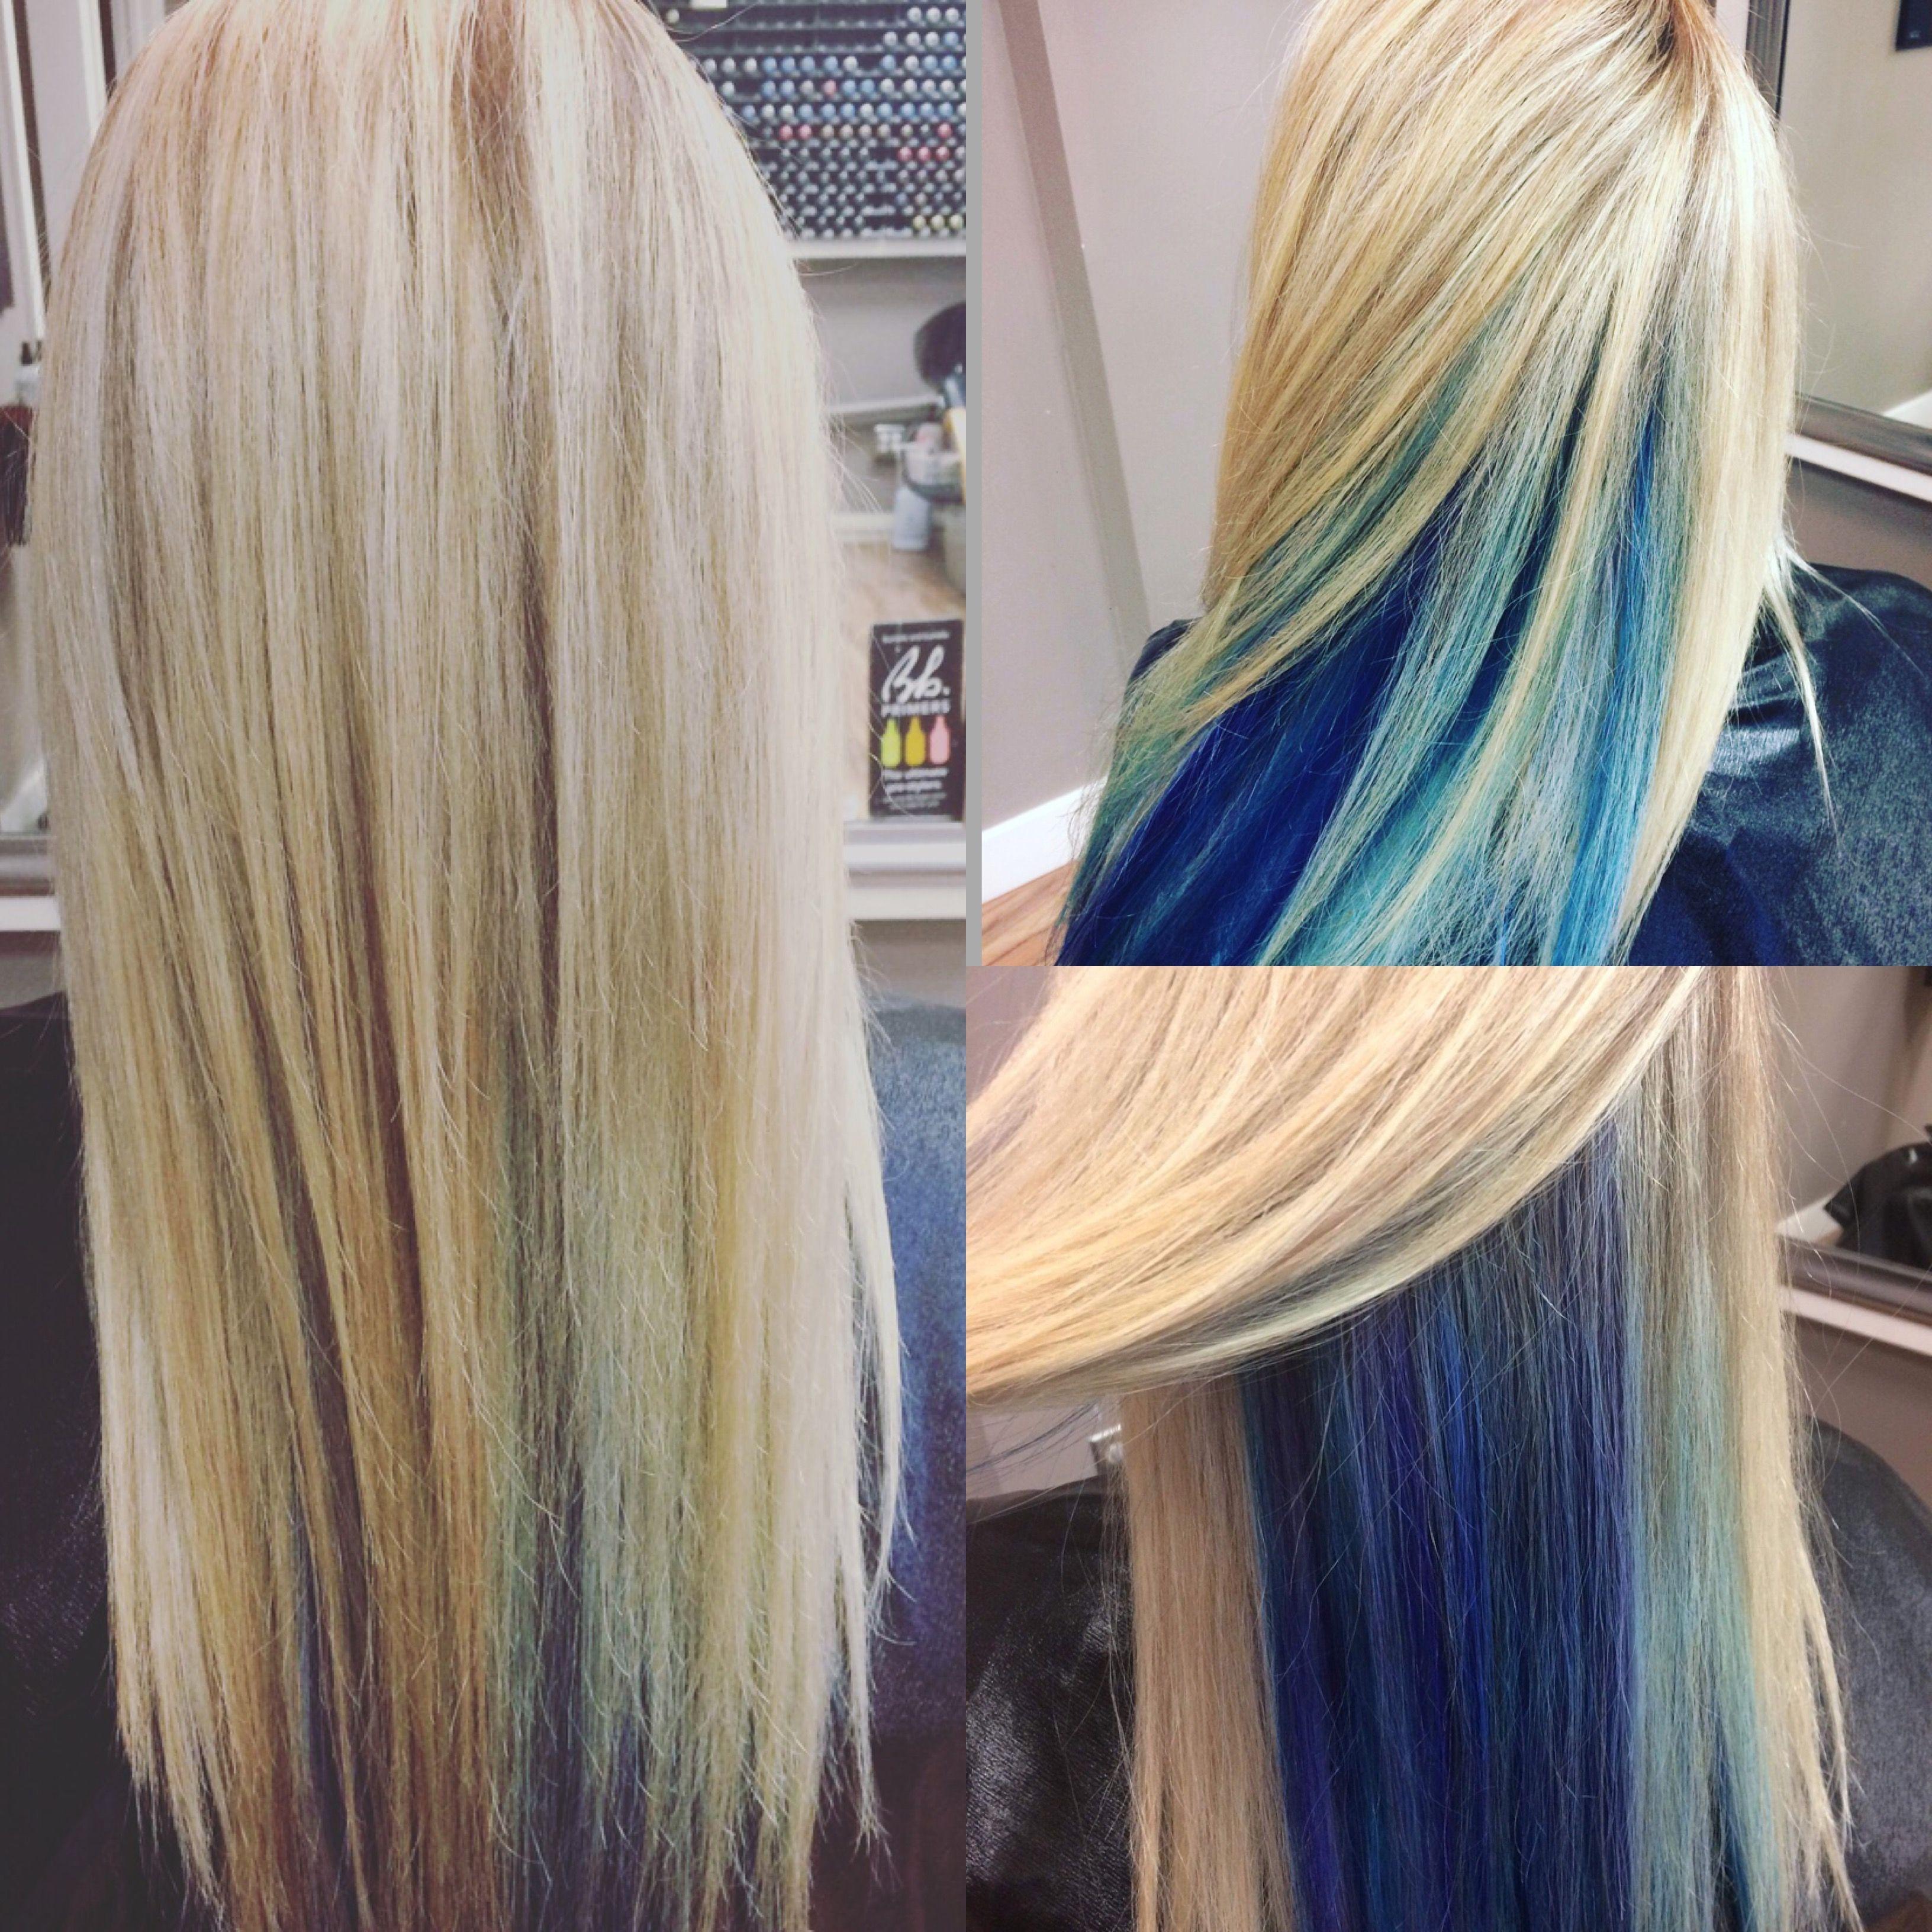 Blue Highlights Peek A Boo Highlights Blue Hair Mermaid Hair Blonde Hair With Blue Highlights Blonde And Blue Hair Blue Hair Highlights Mermaid Hair Color